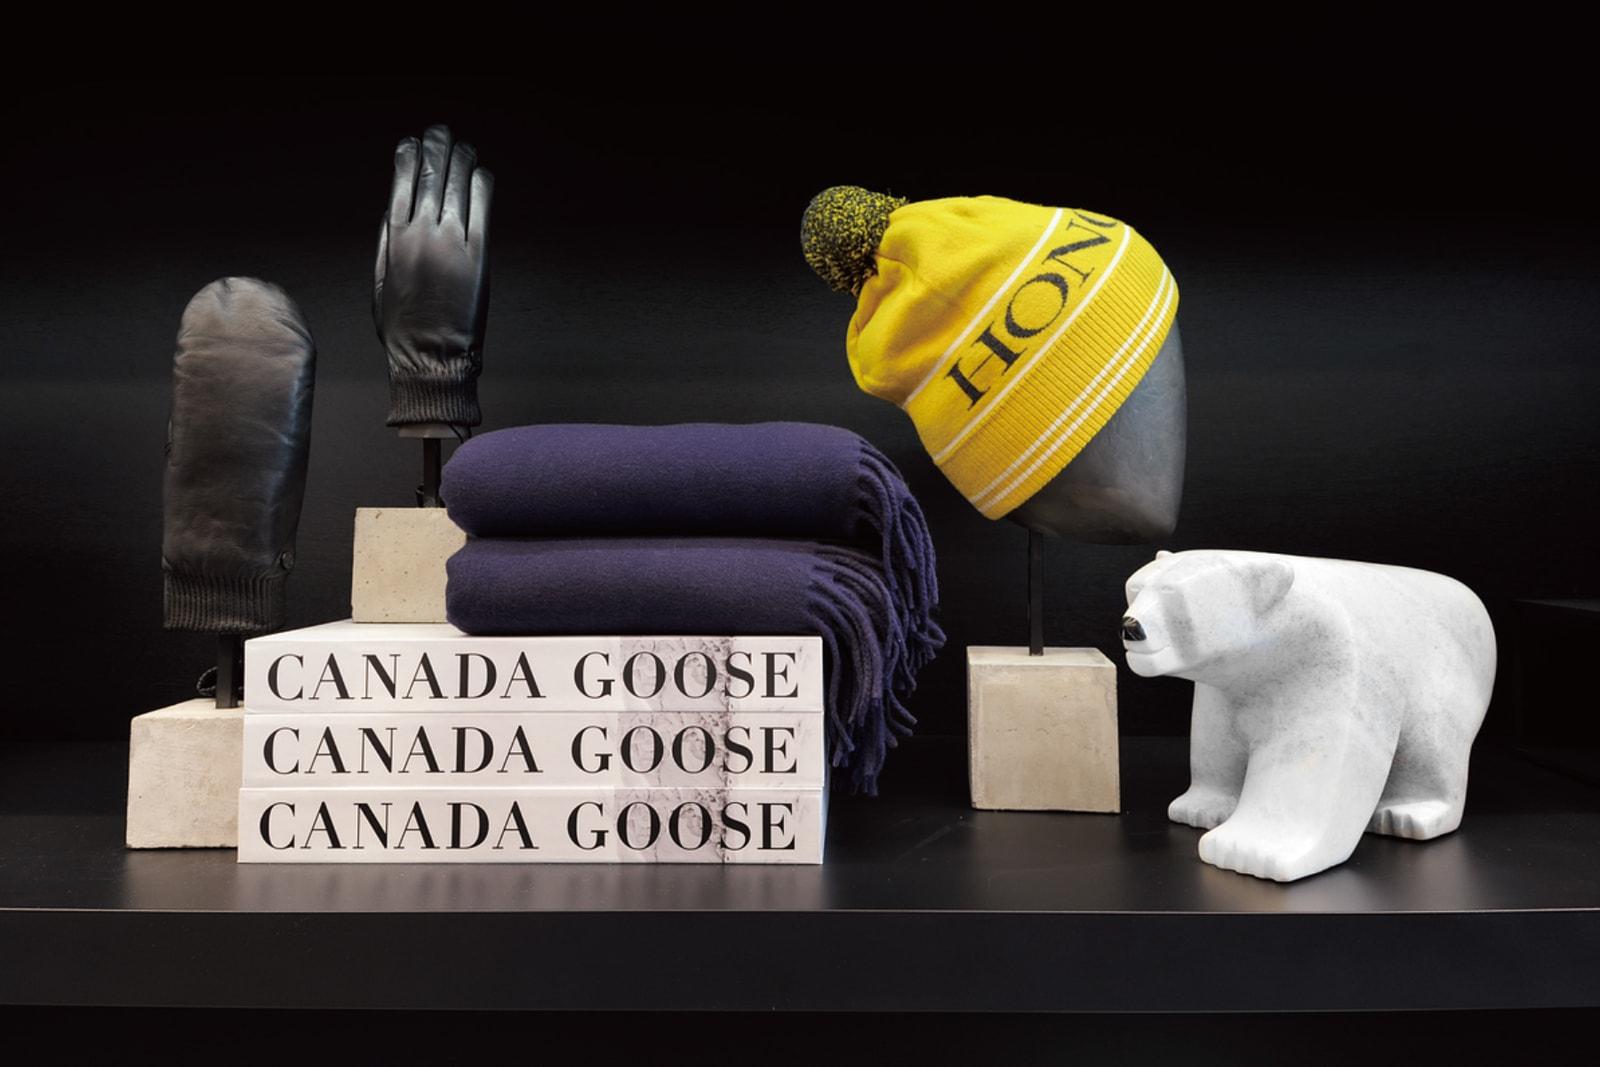 超強機能服飾品牌 Canada Goose 開設香港首間專門店